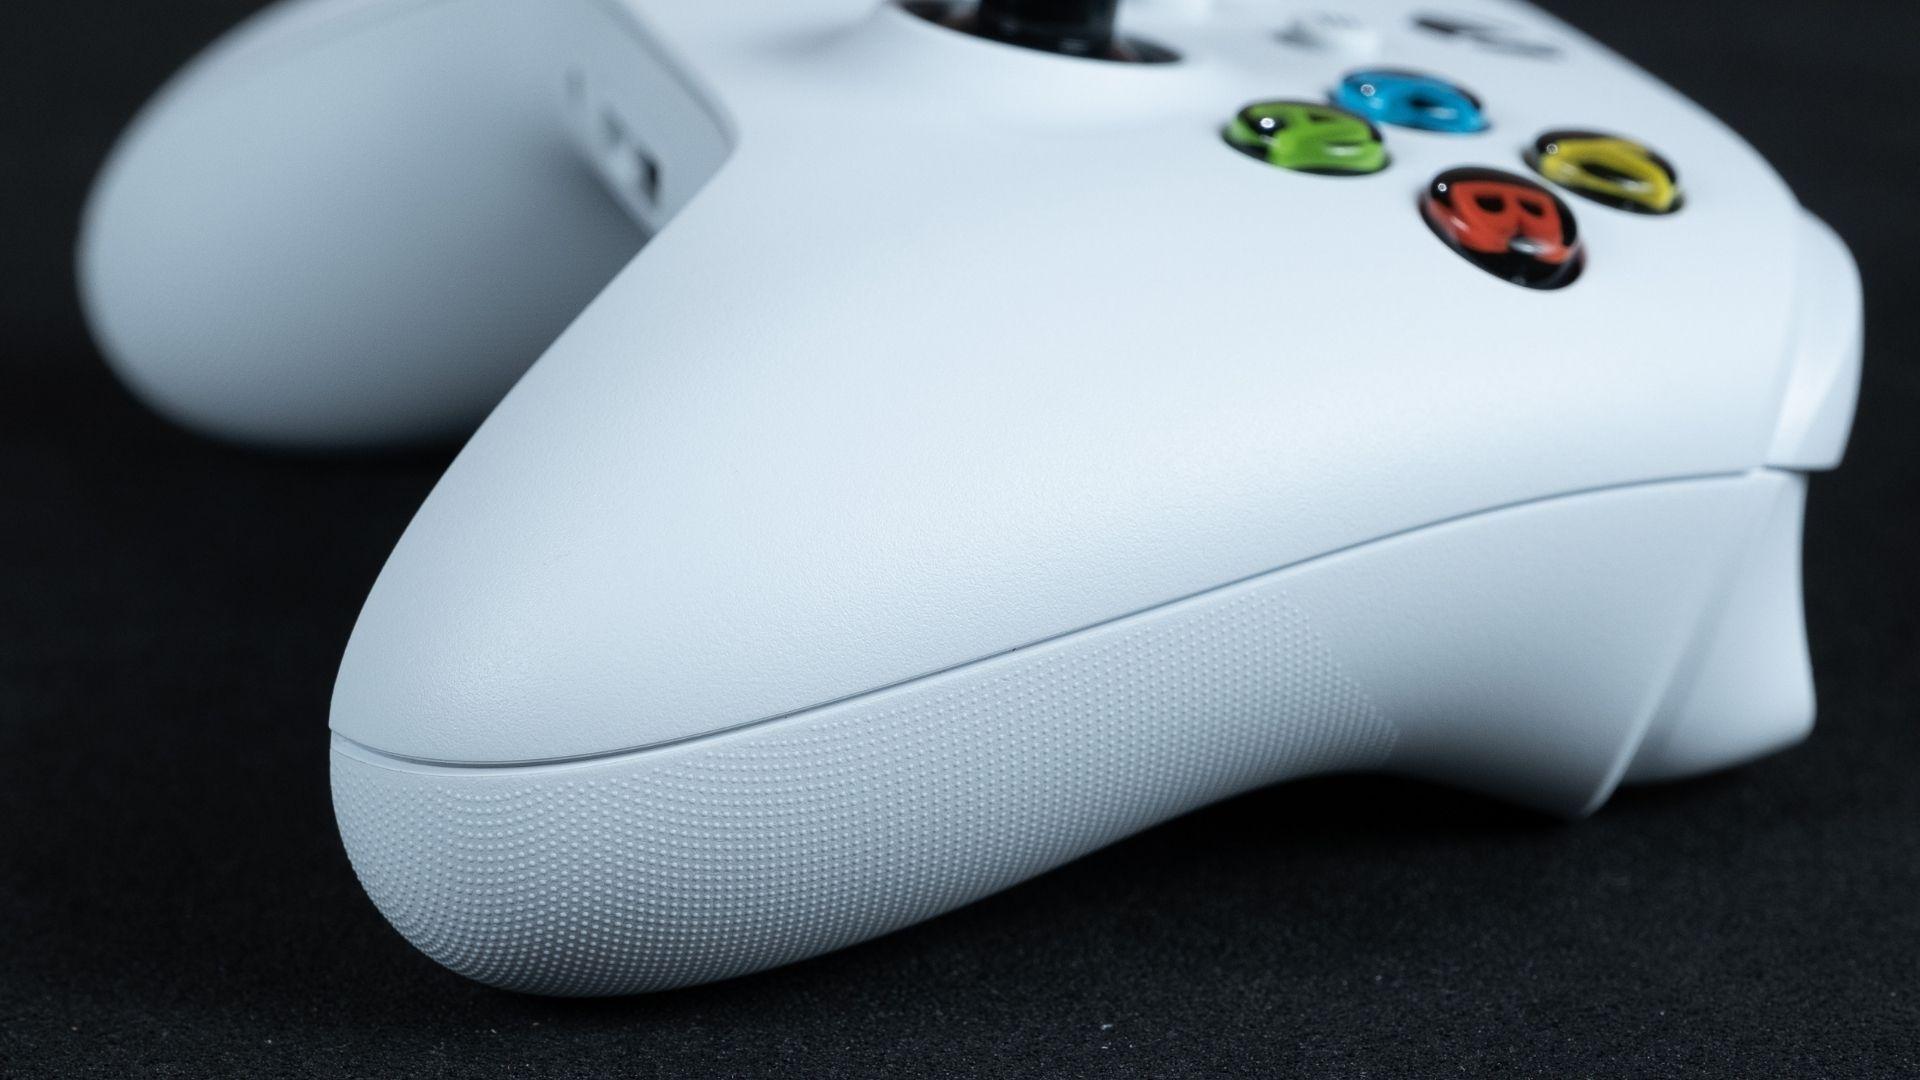 Foto em close do controle xbox series x/s mostrando a textura na parte de baixo